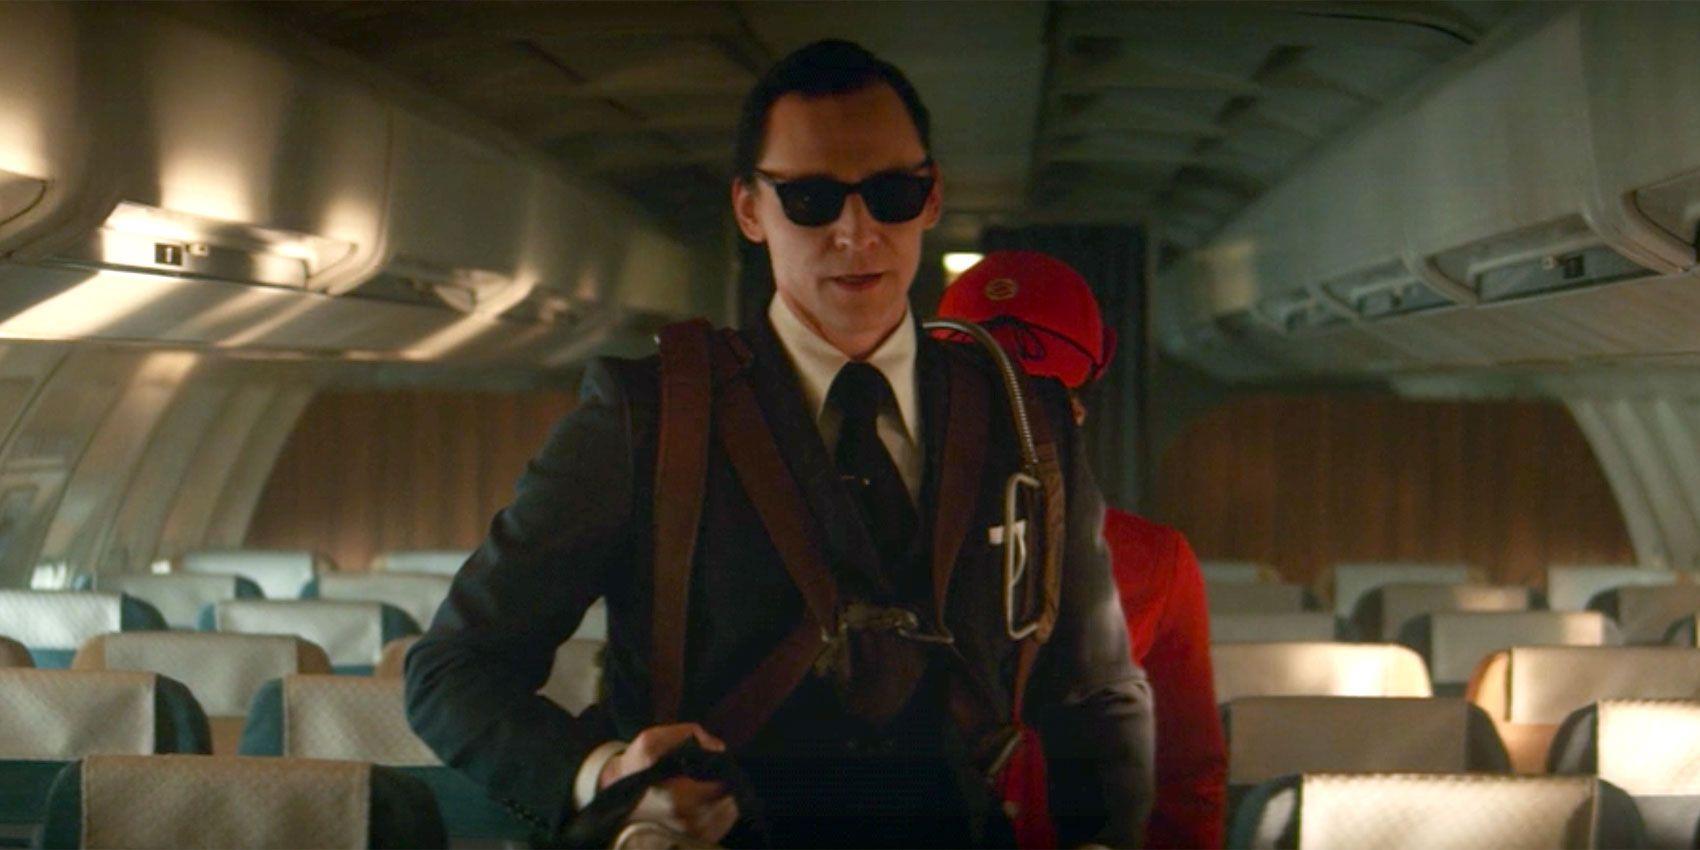 Loki Episode 1 Easter Eggs: Kang the Conqueror, Josta Cola